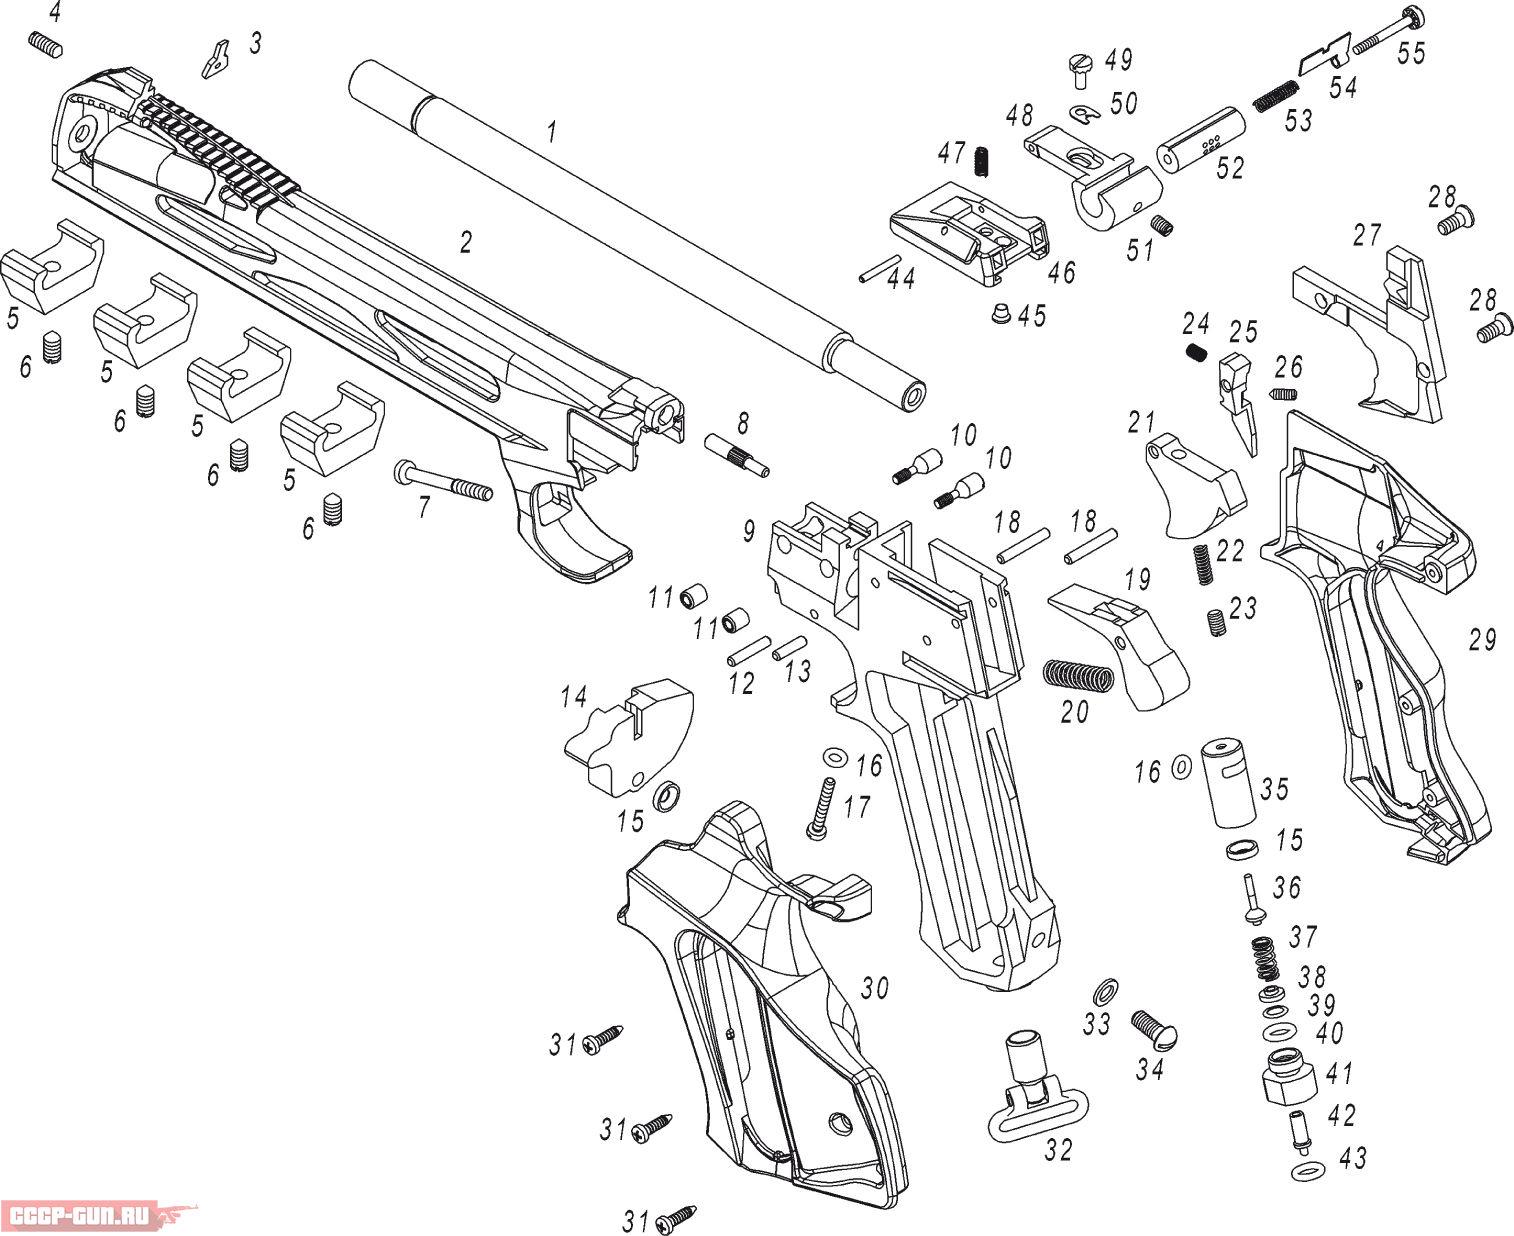 взрыв схема пневматический пистолет borner